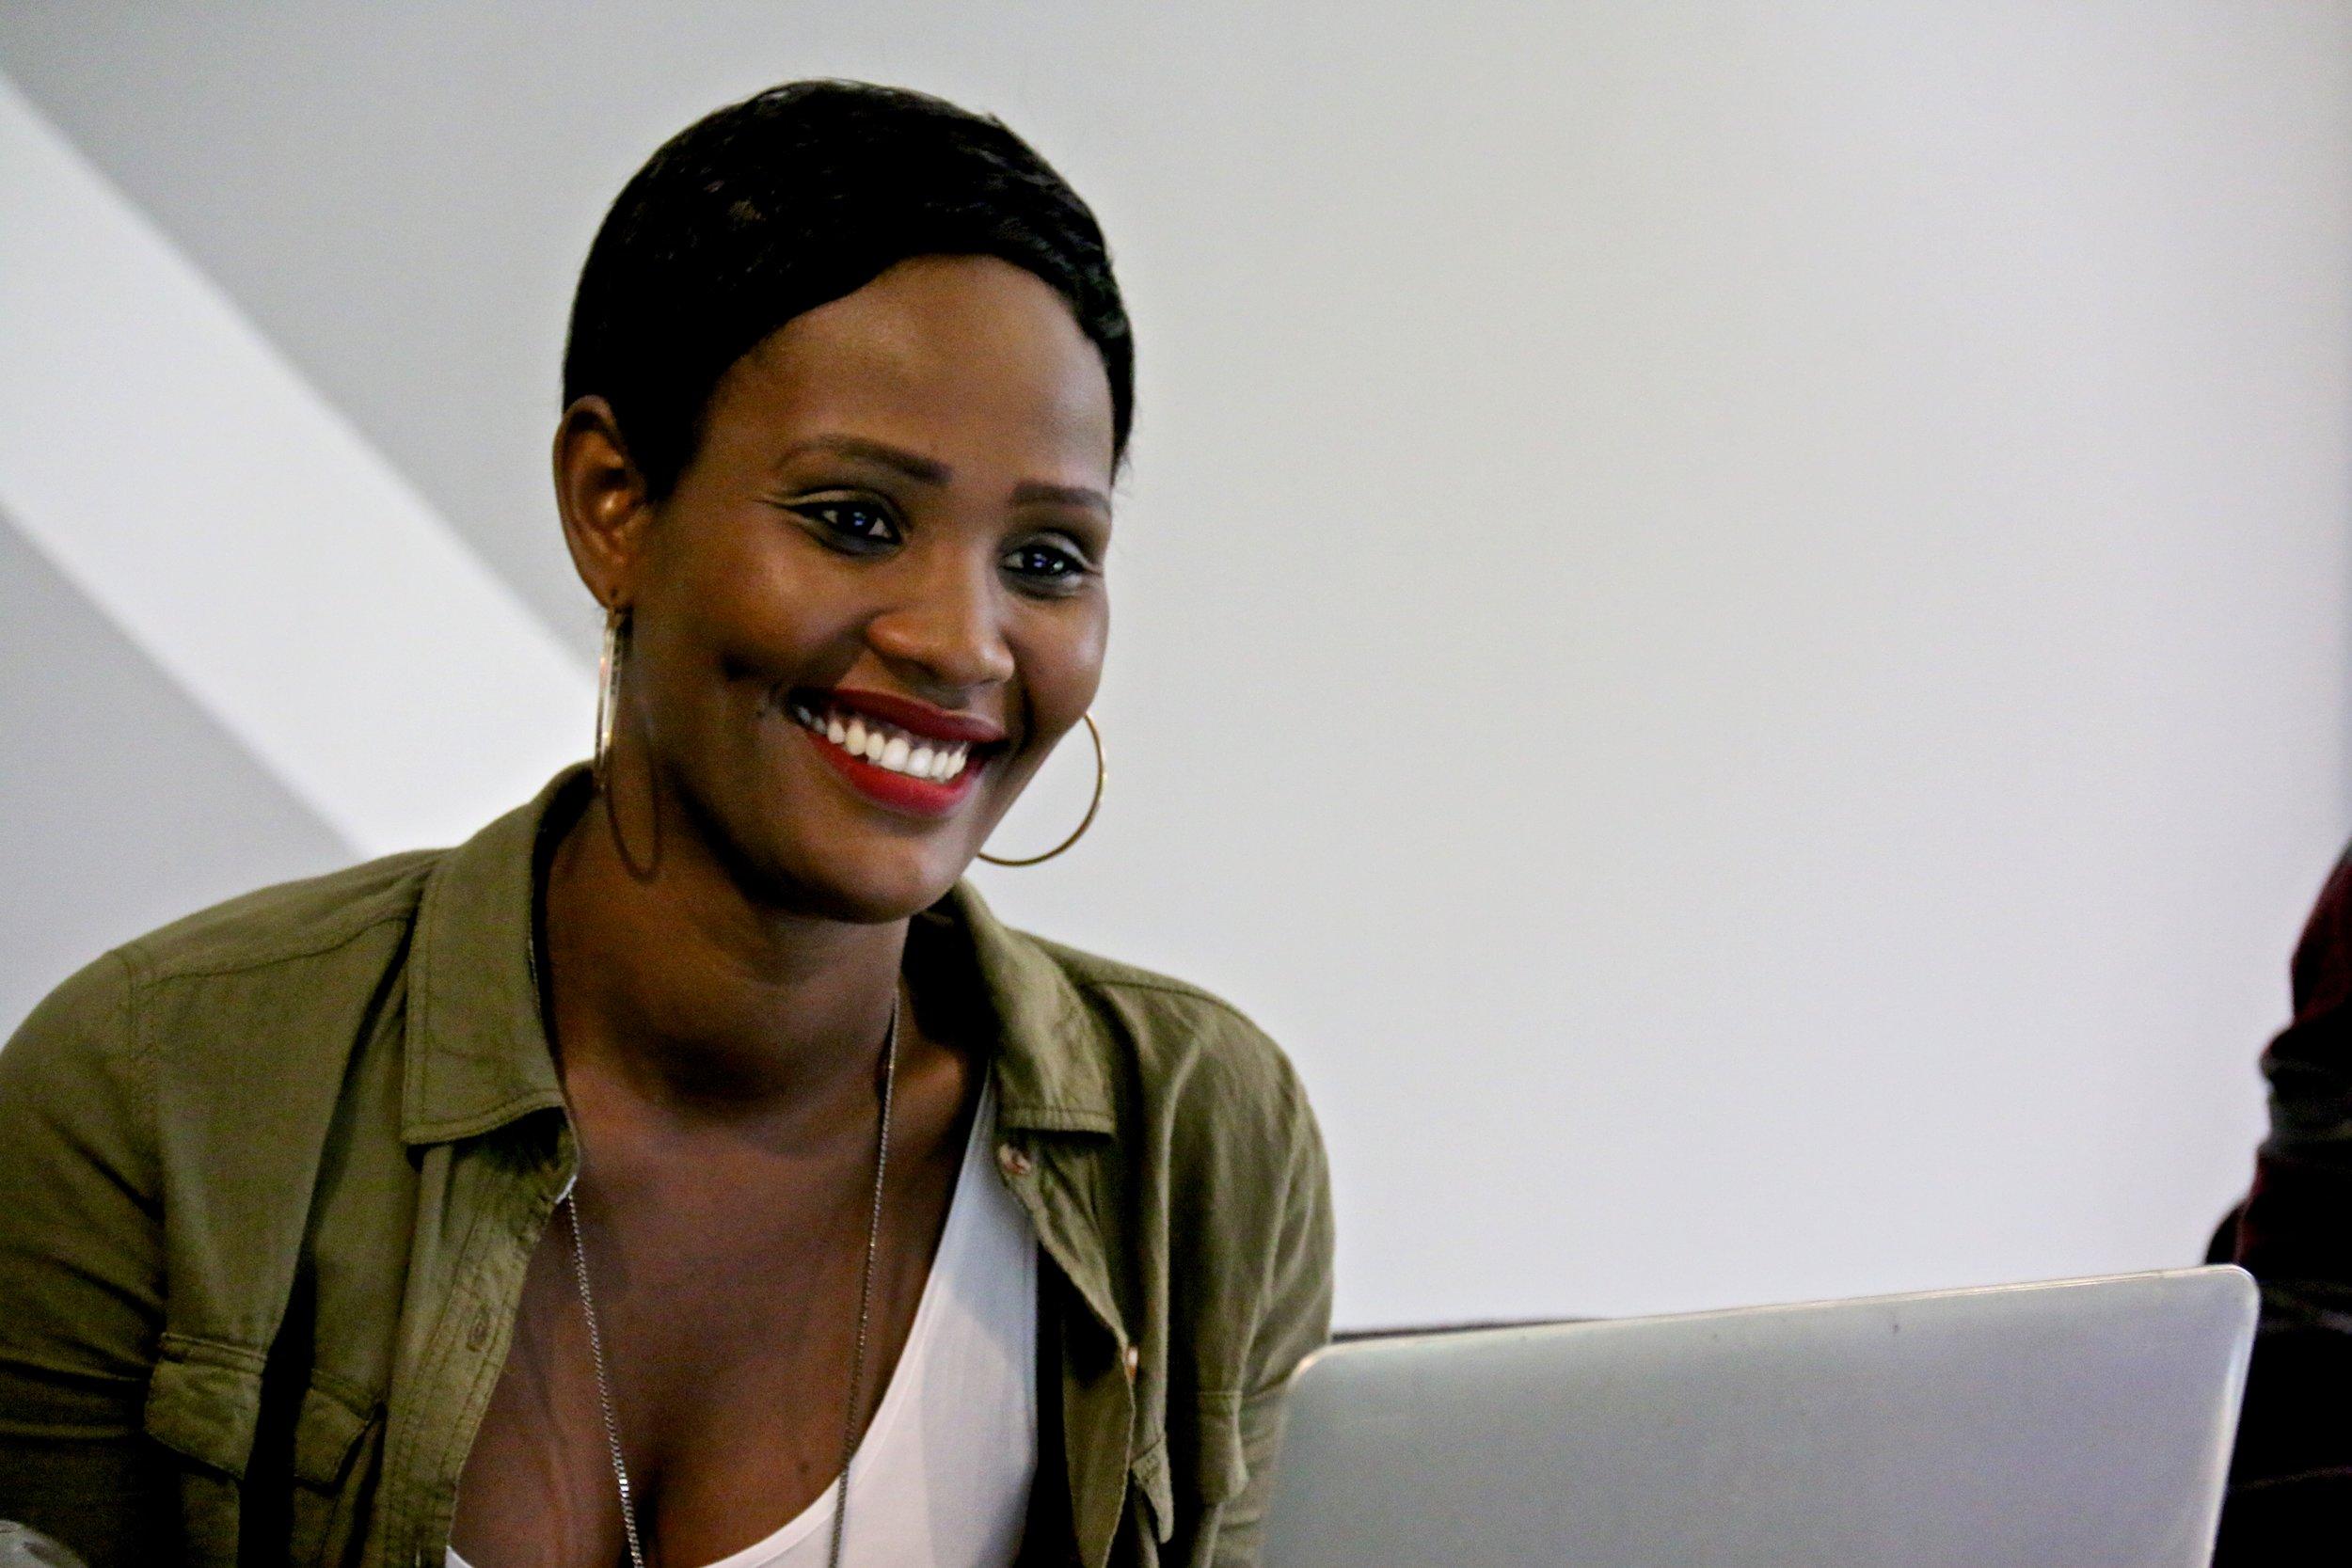 Maggie (writer, journo)